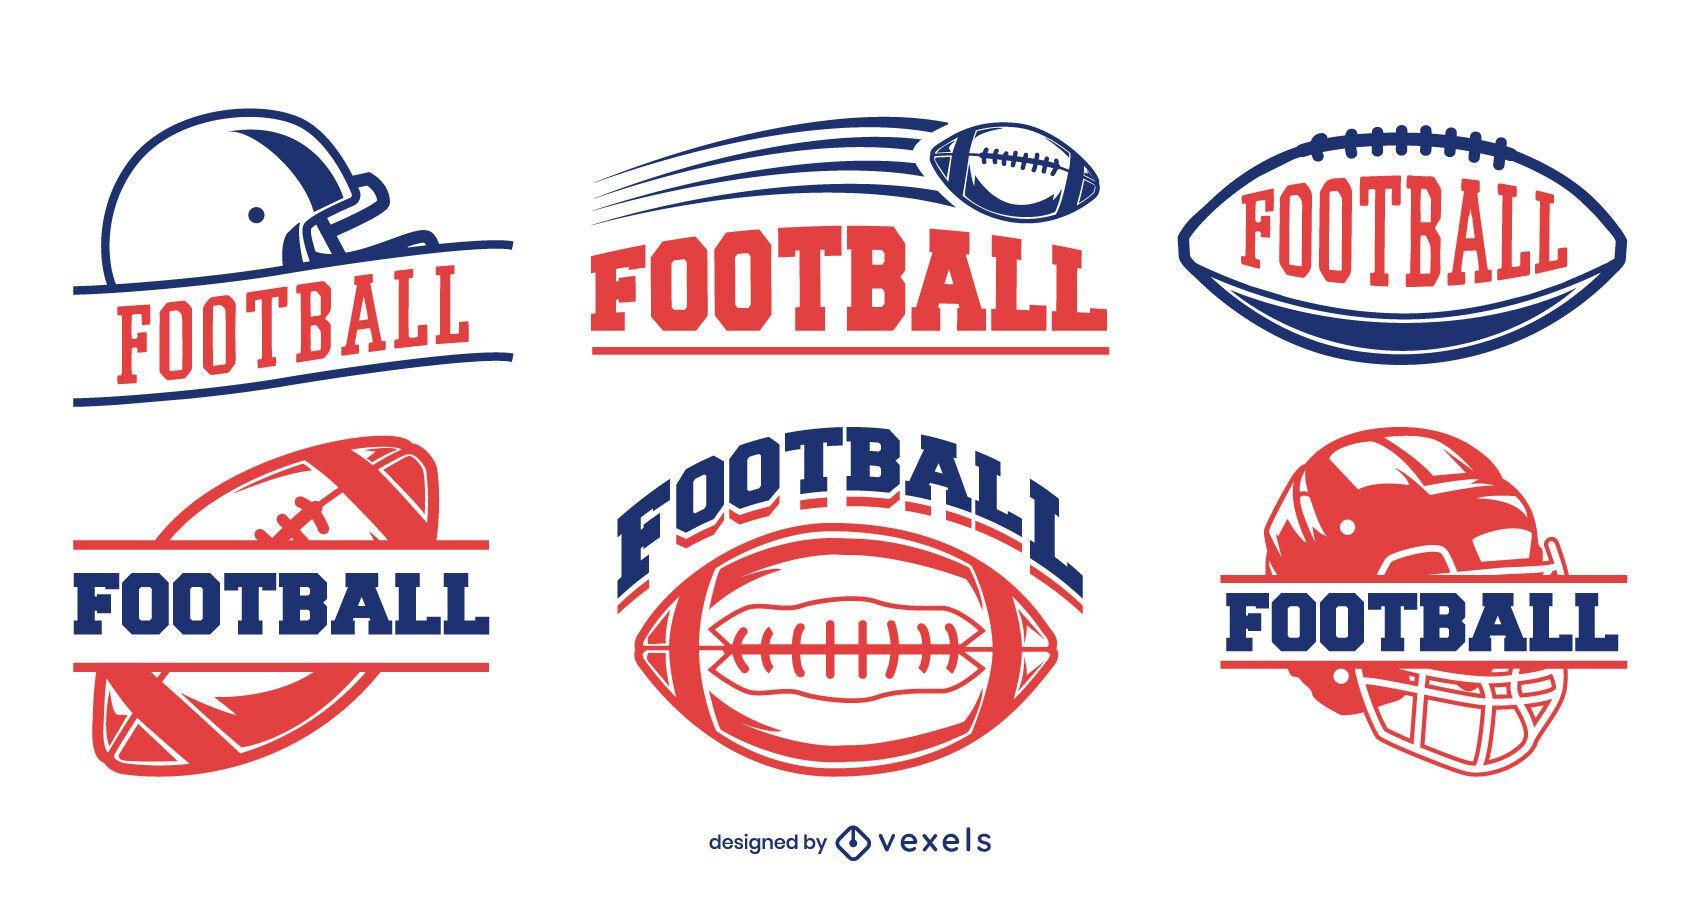 Diseño de placa de fútbol